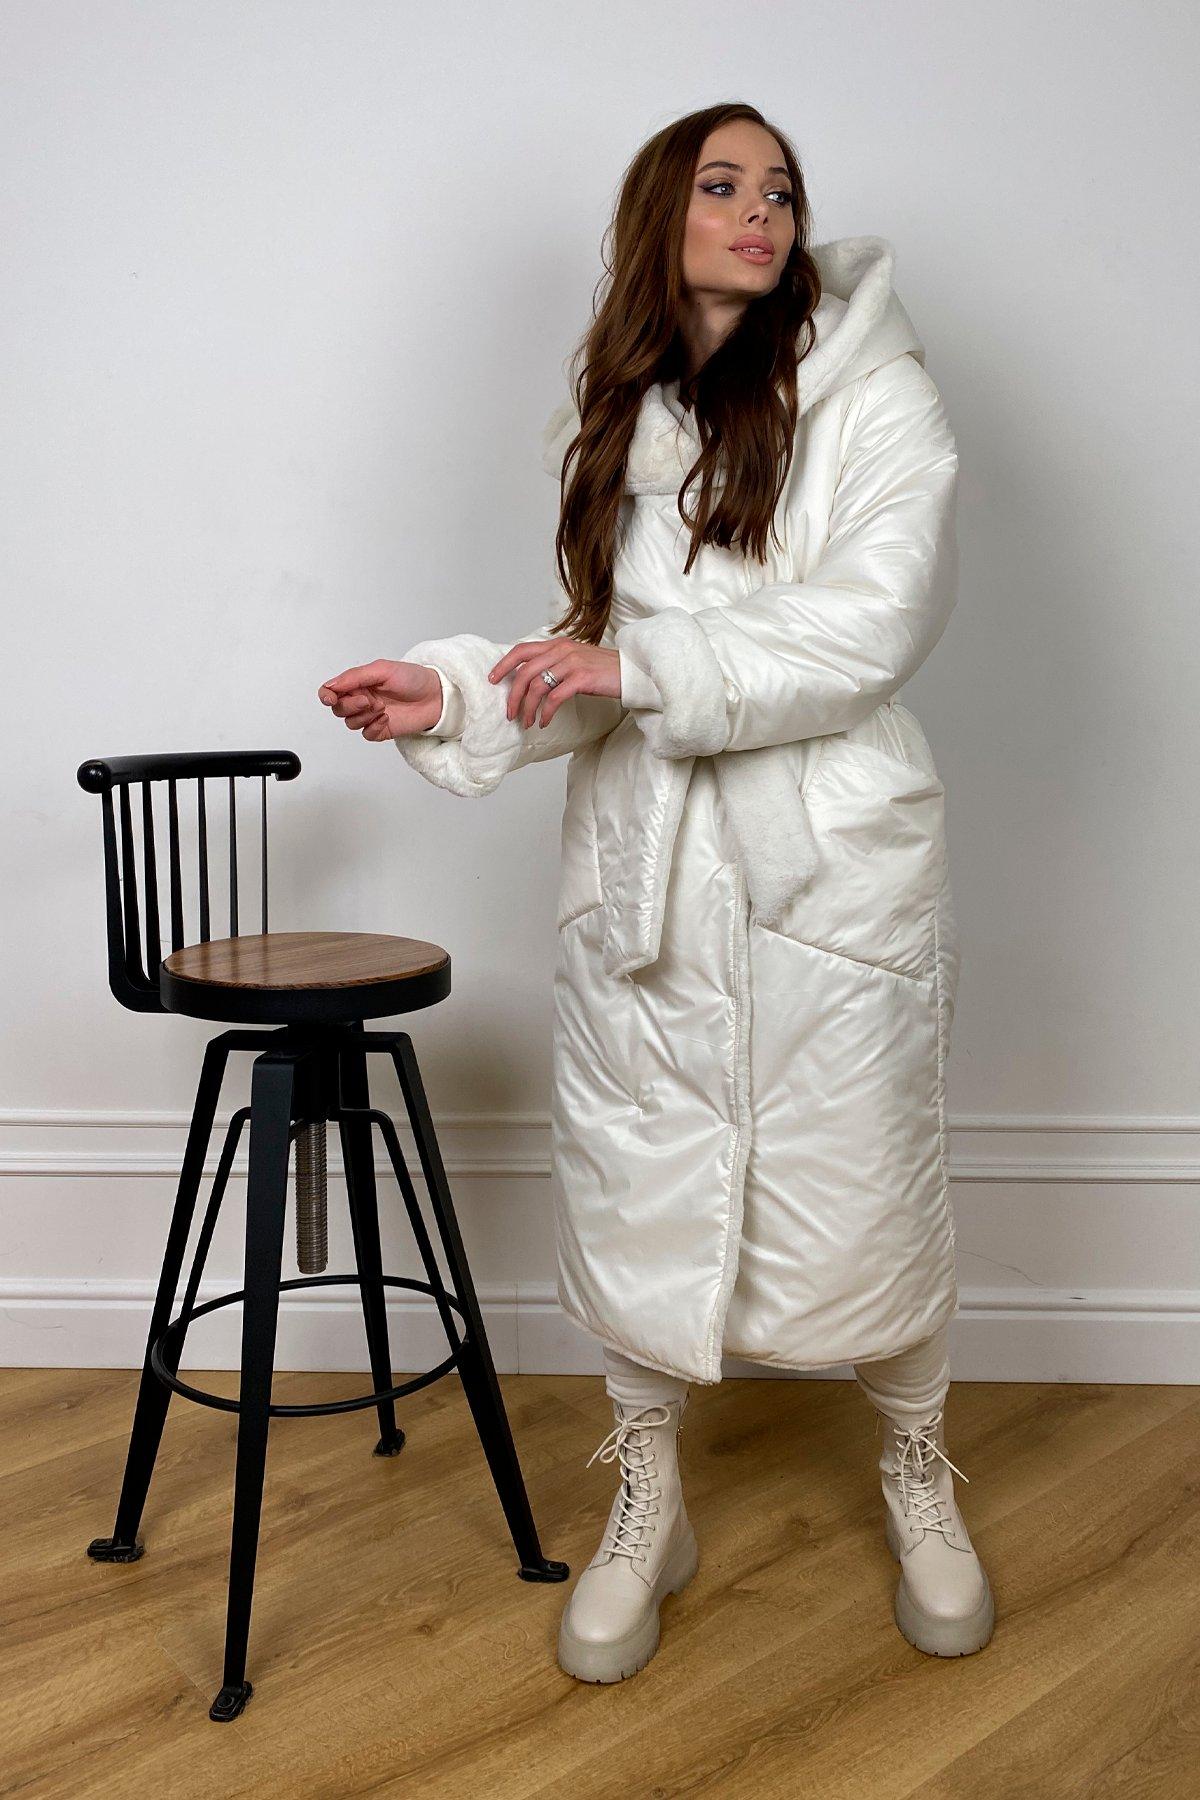 Сноу  теплое двухстороннее пальто из  еко меха и плотной  плащевки 10344 АРТ. 46645 Цвет: Молоко - фото 1, интернет магазин tm-modus.ru